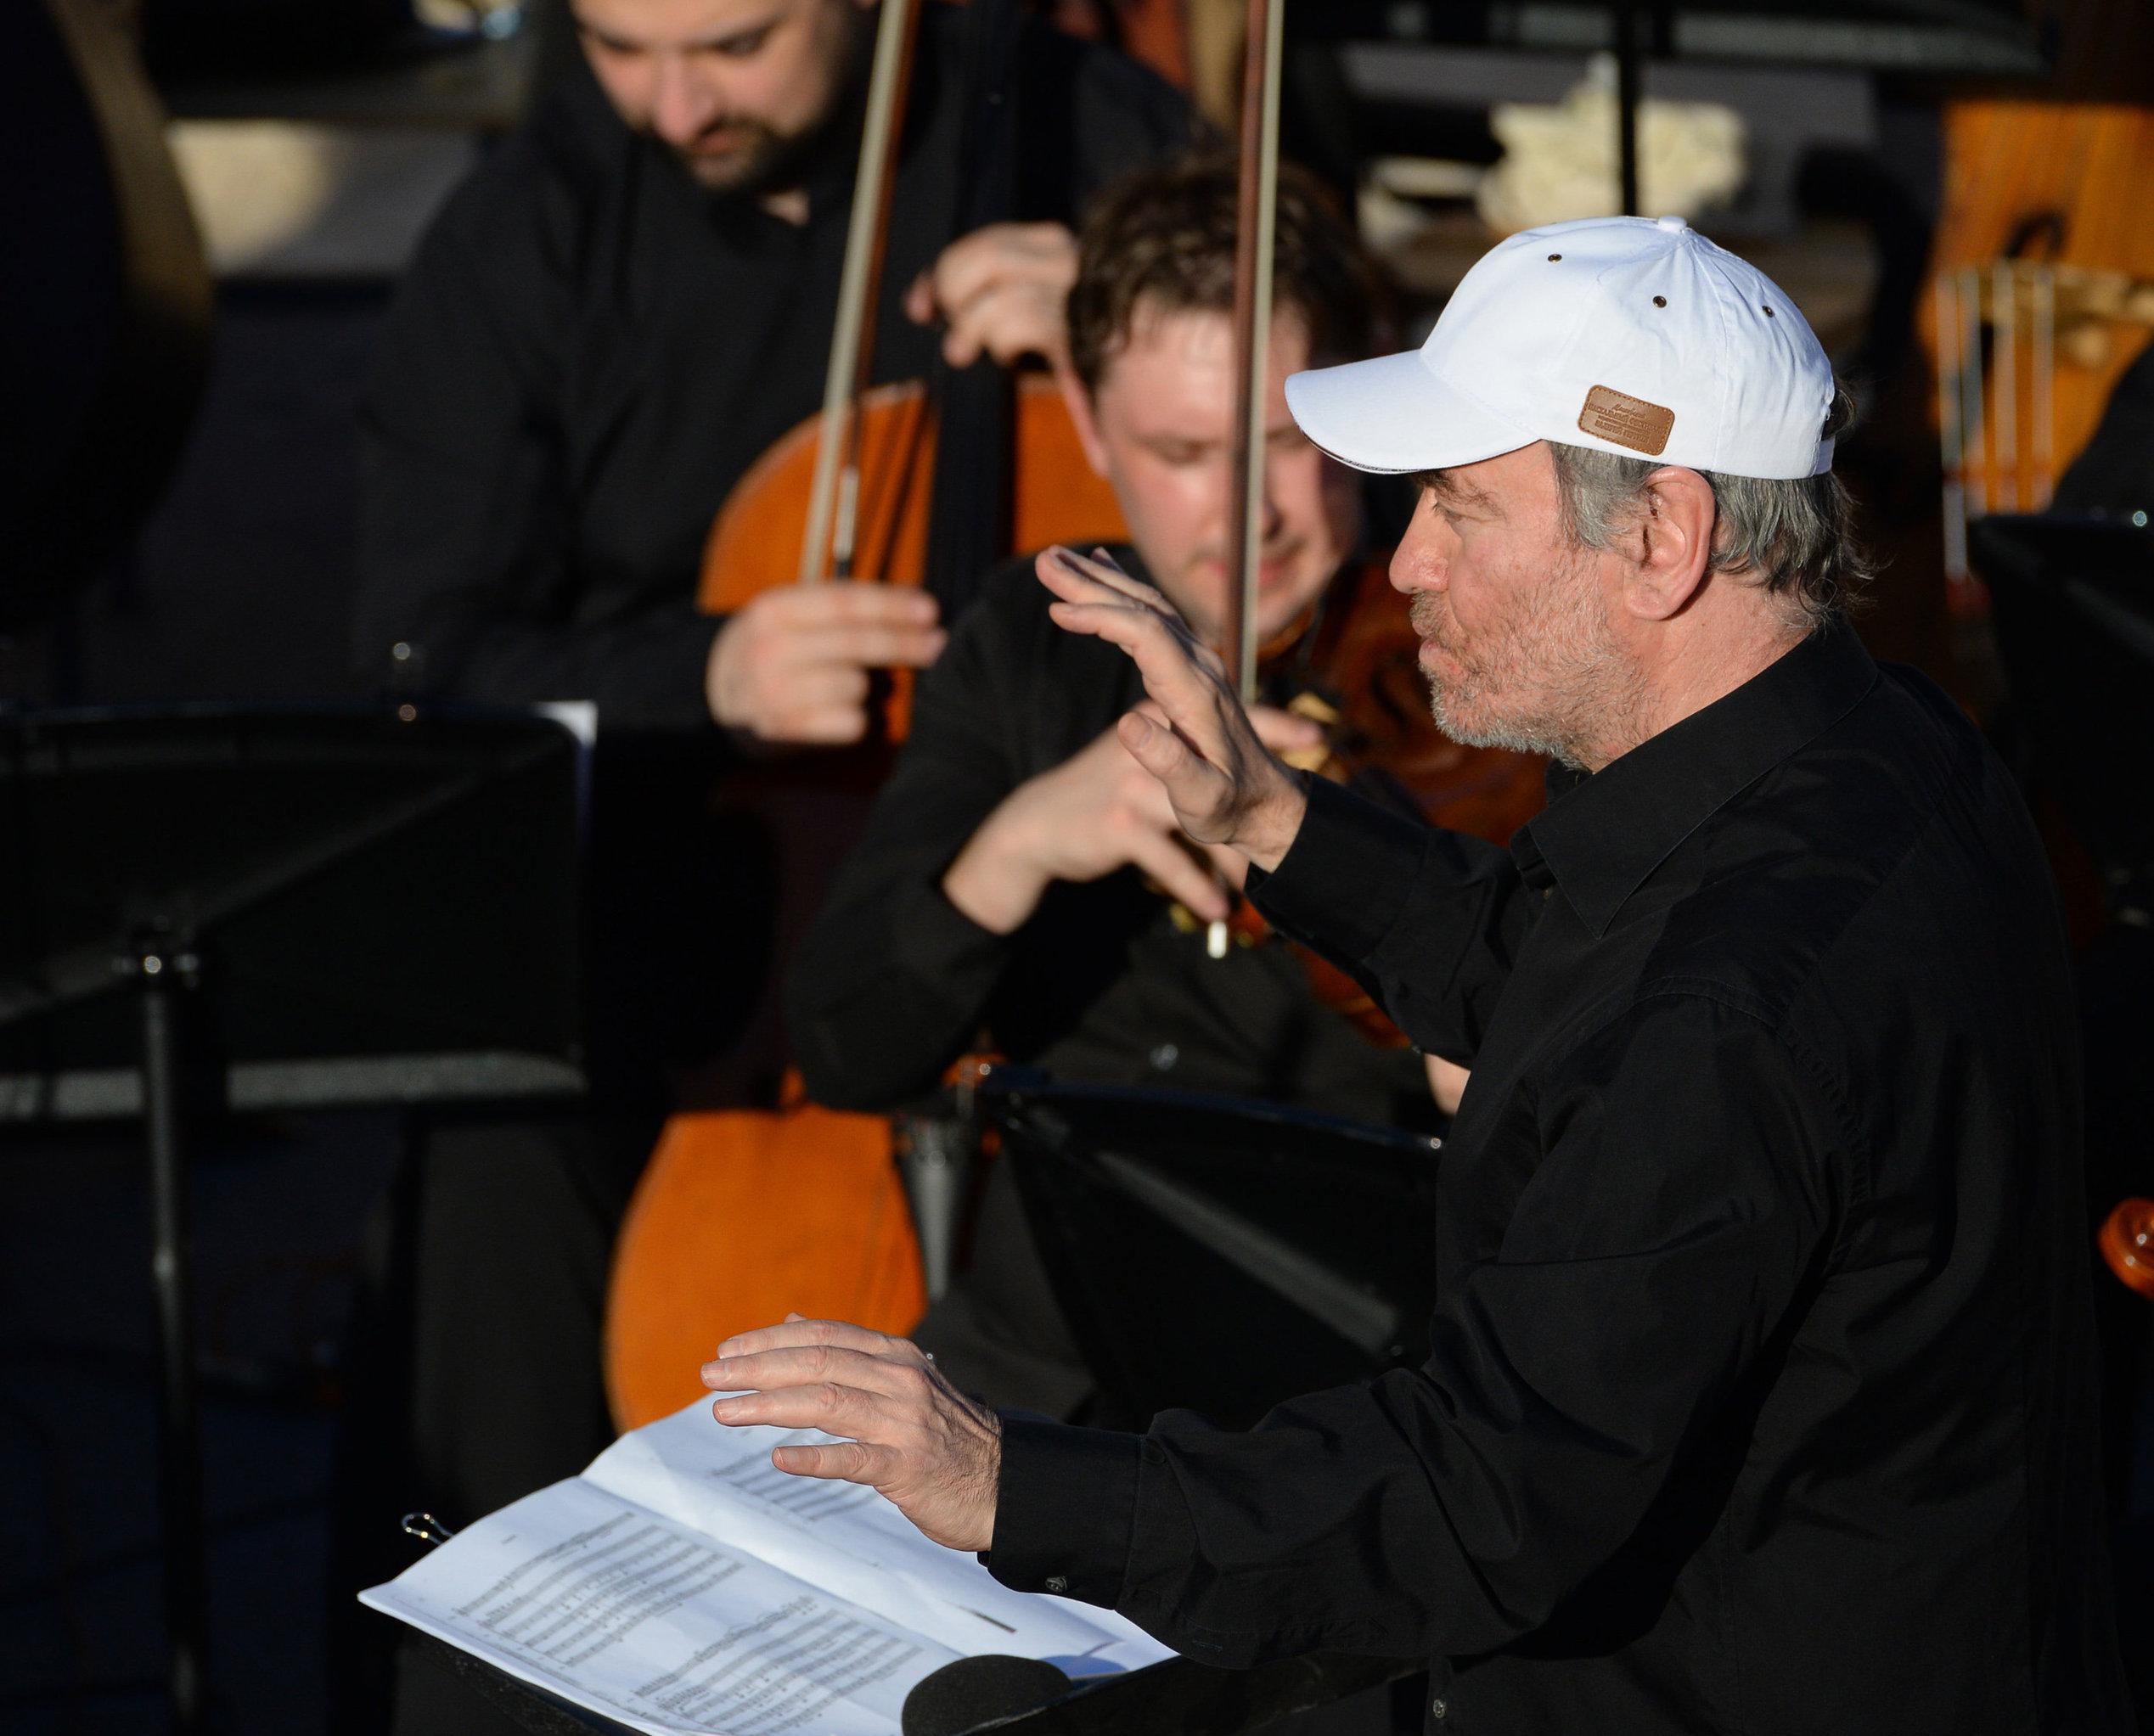 L'orchestre symphonique du théâtre Mariinsky (Saint-Pétersbourg) dirigé par Valeri Guerguiev donne un concert prénommé Prière pour Palmyre. La musique fait revivre la ville antique